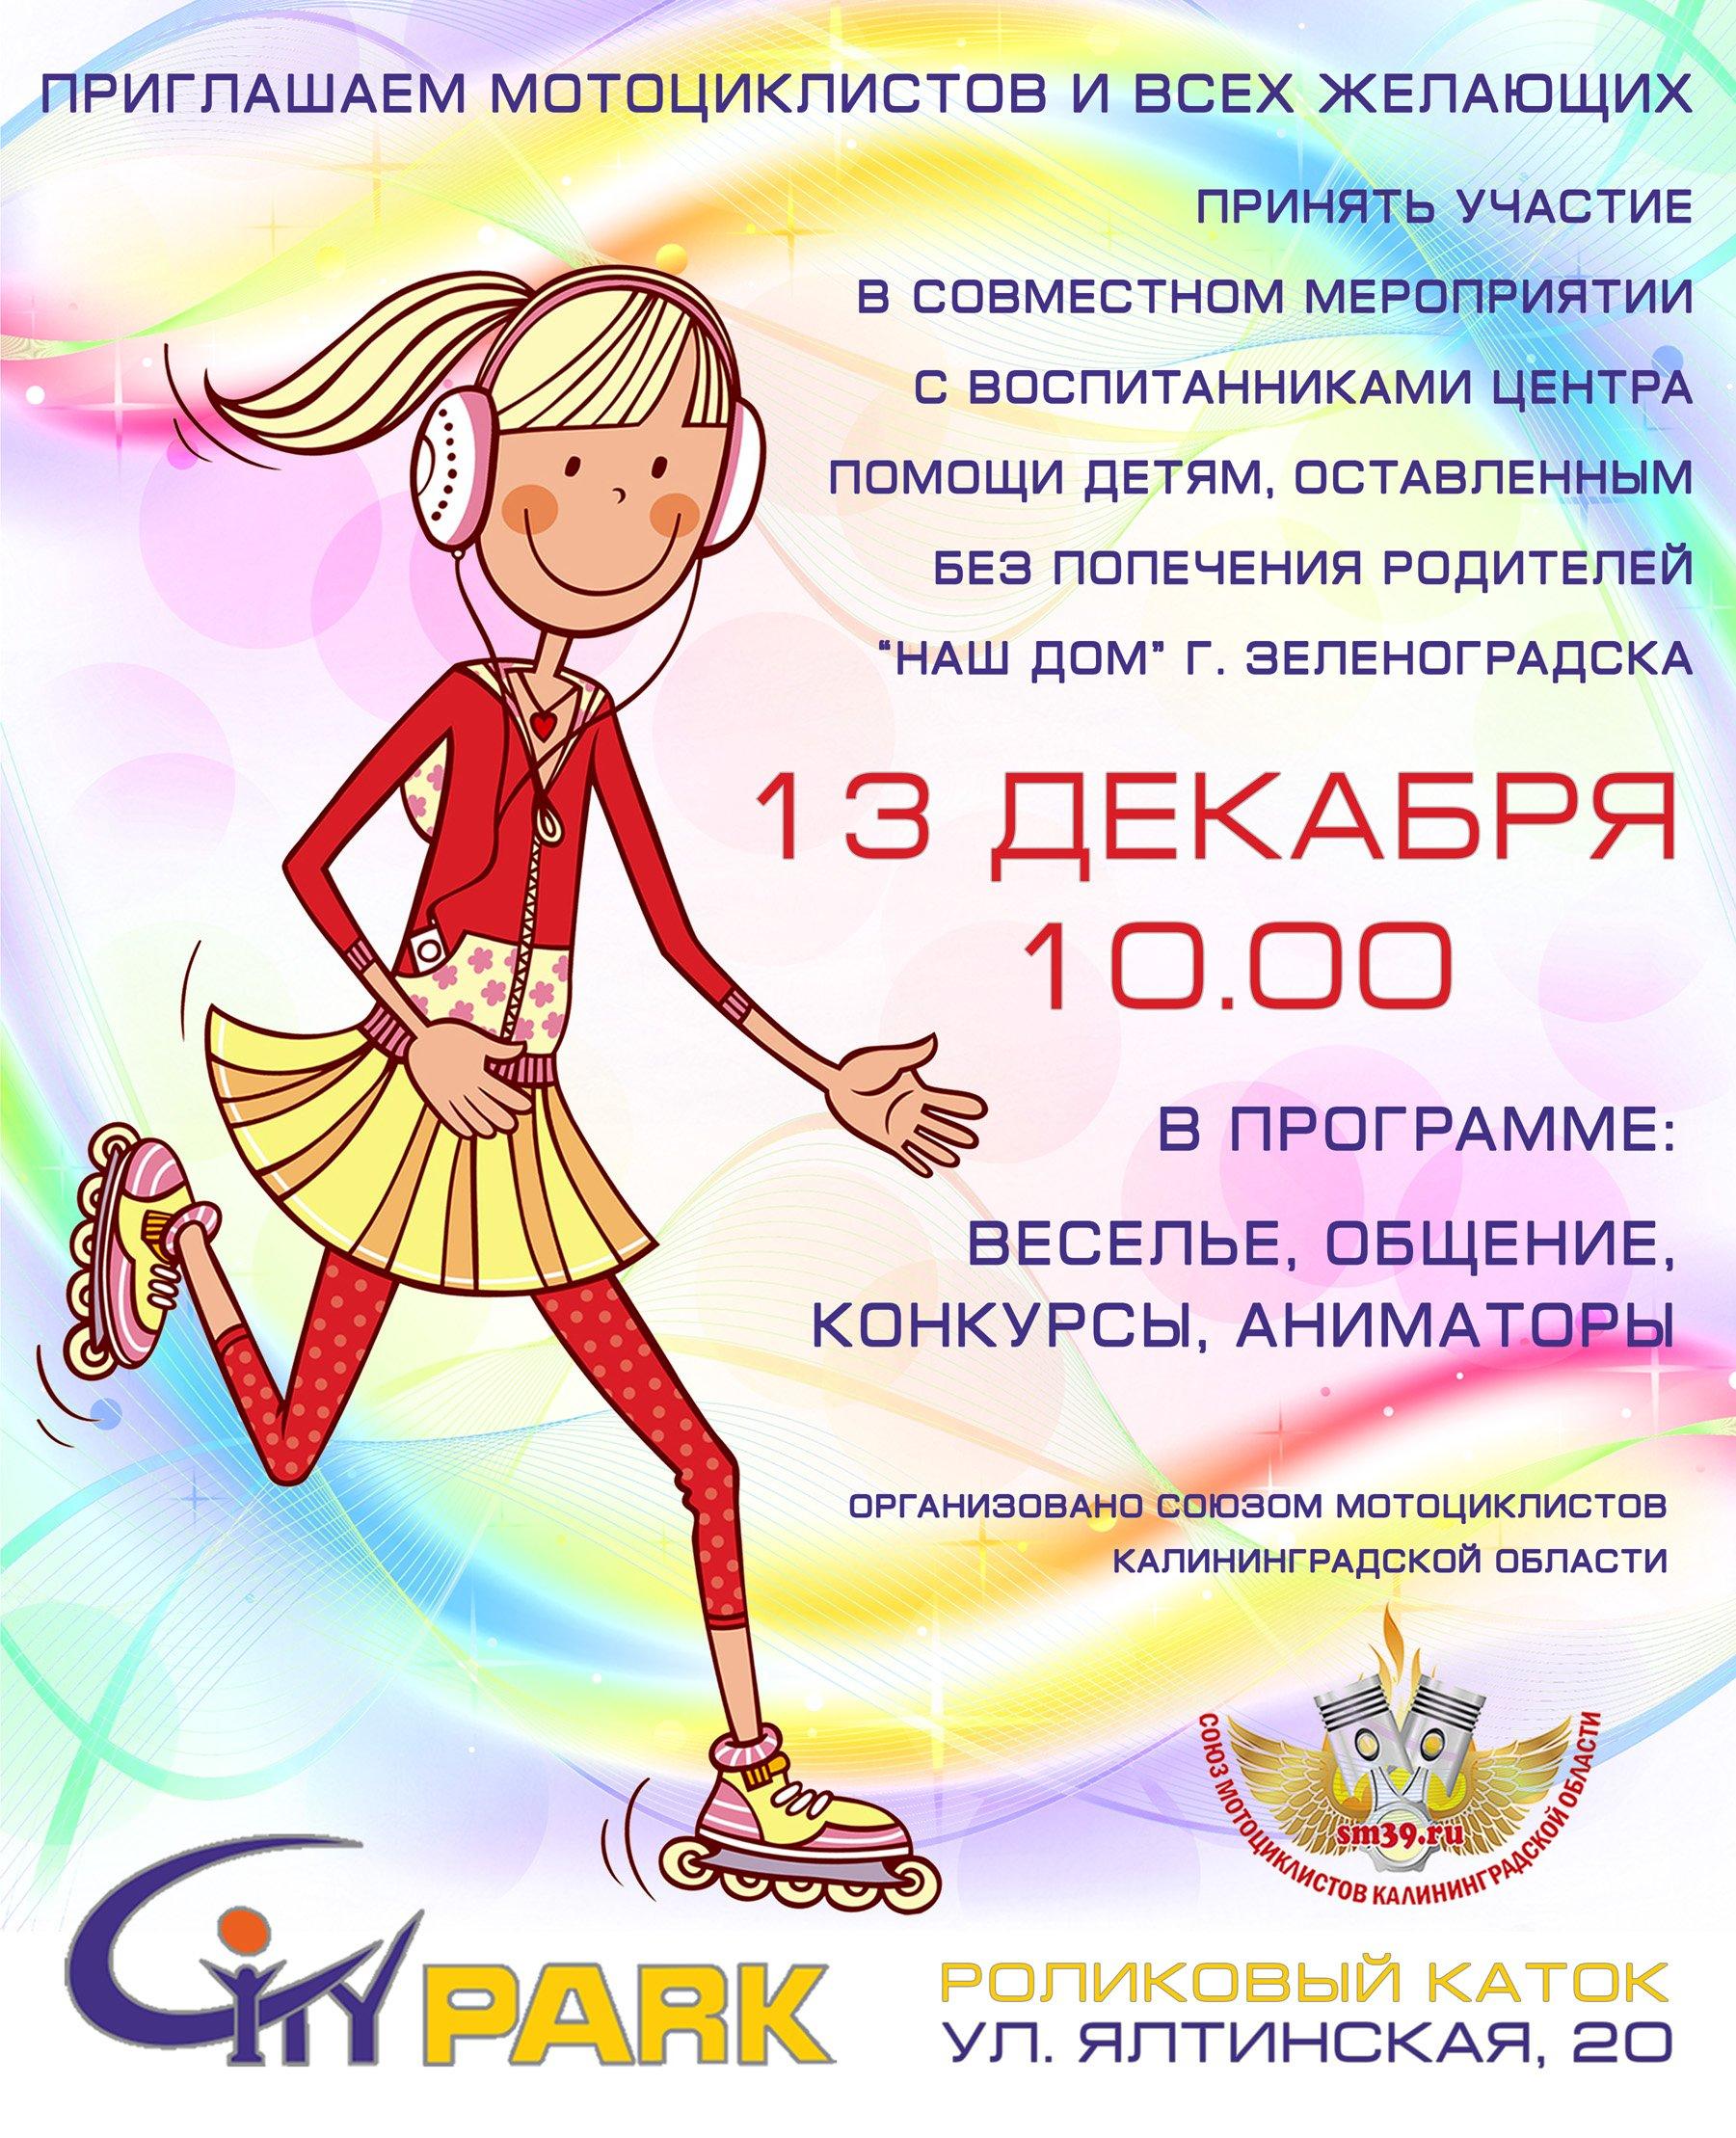 """13 декабря, совместное мероприятие с центром """"Наш дом"""""""